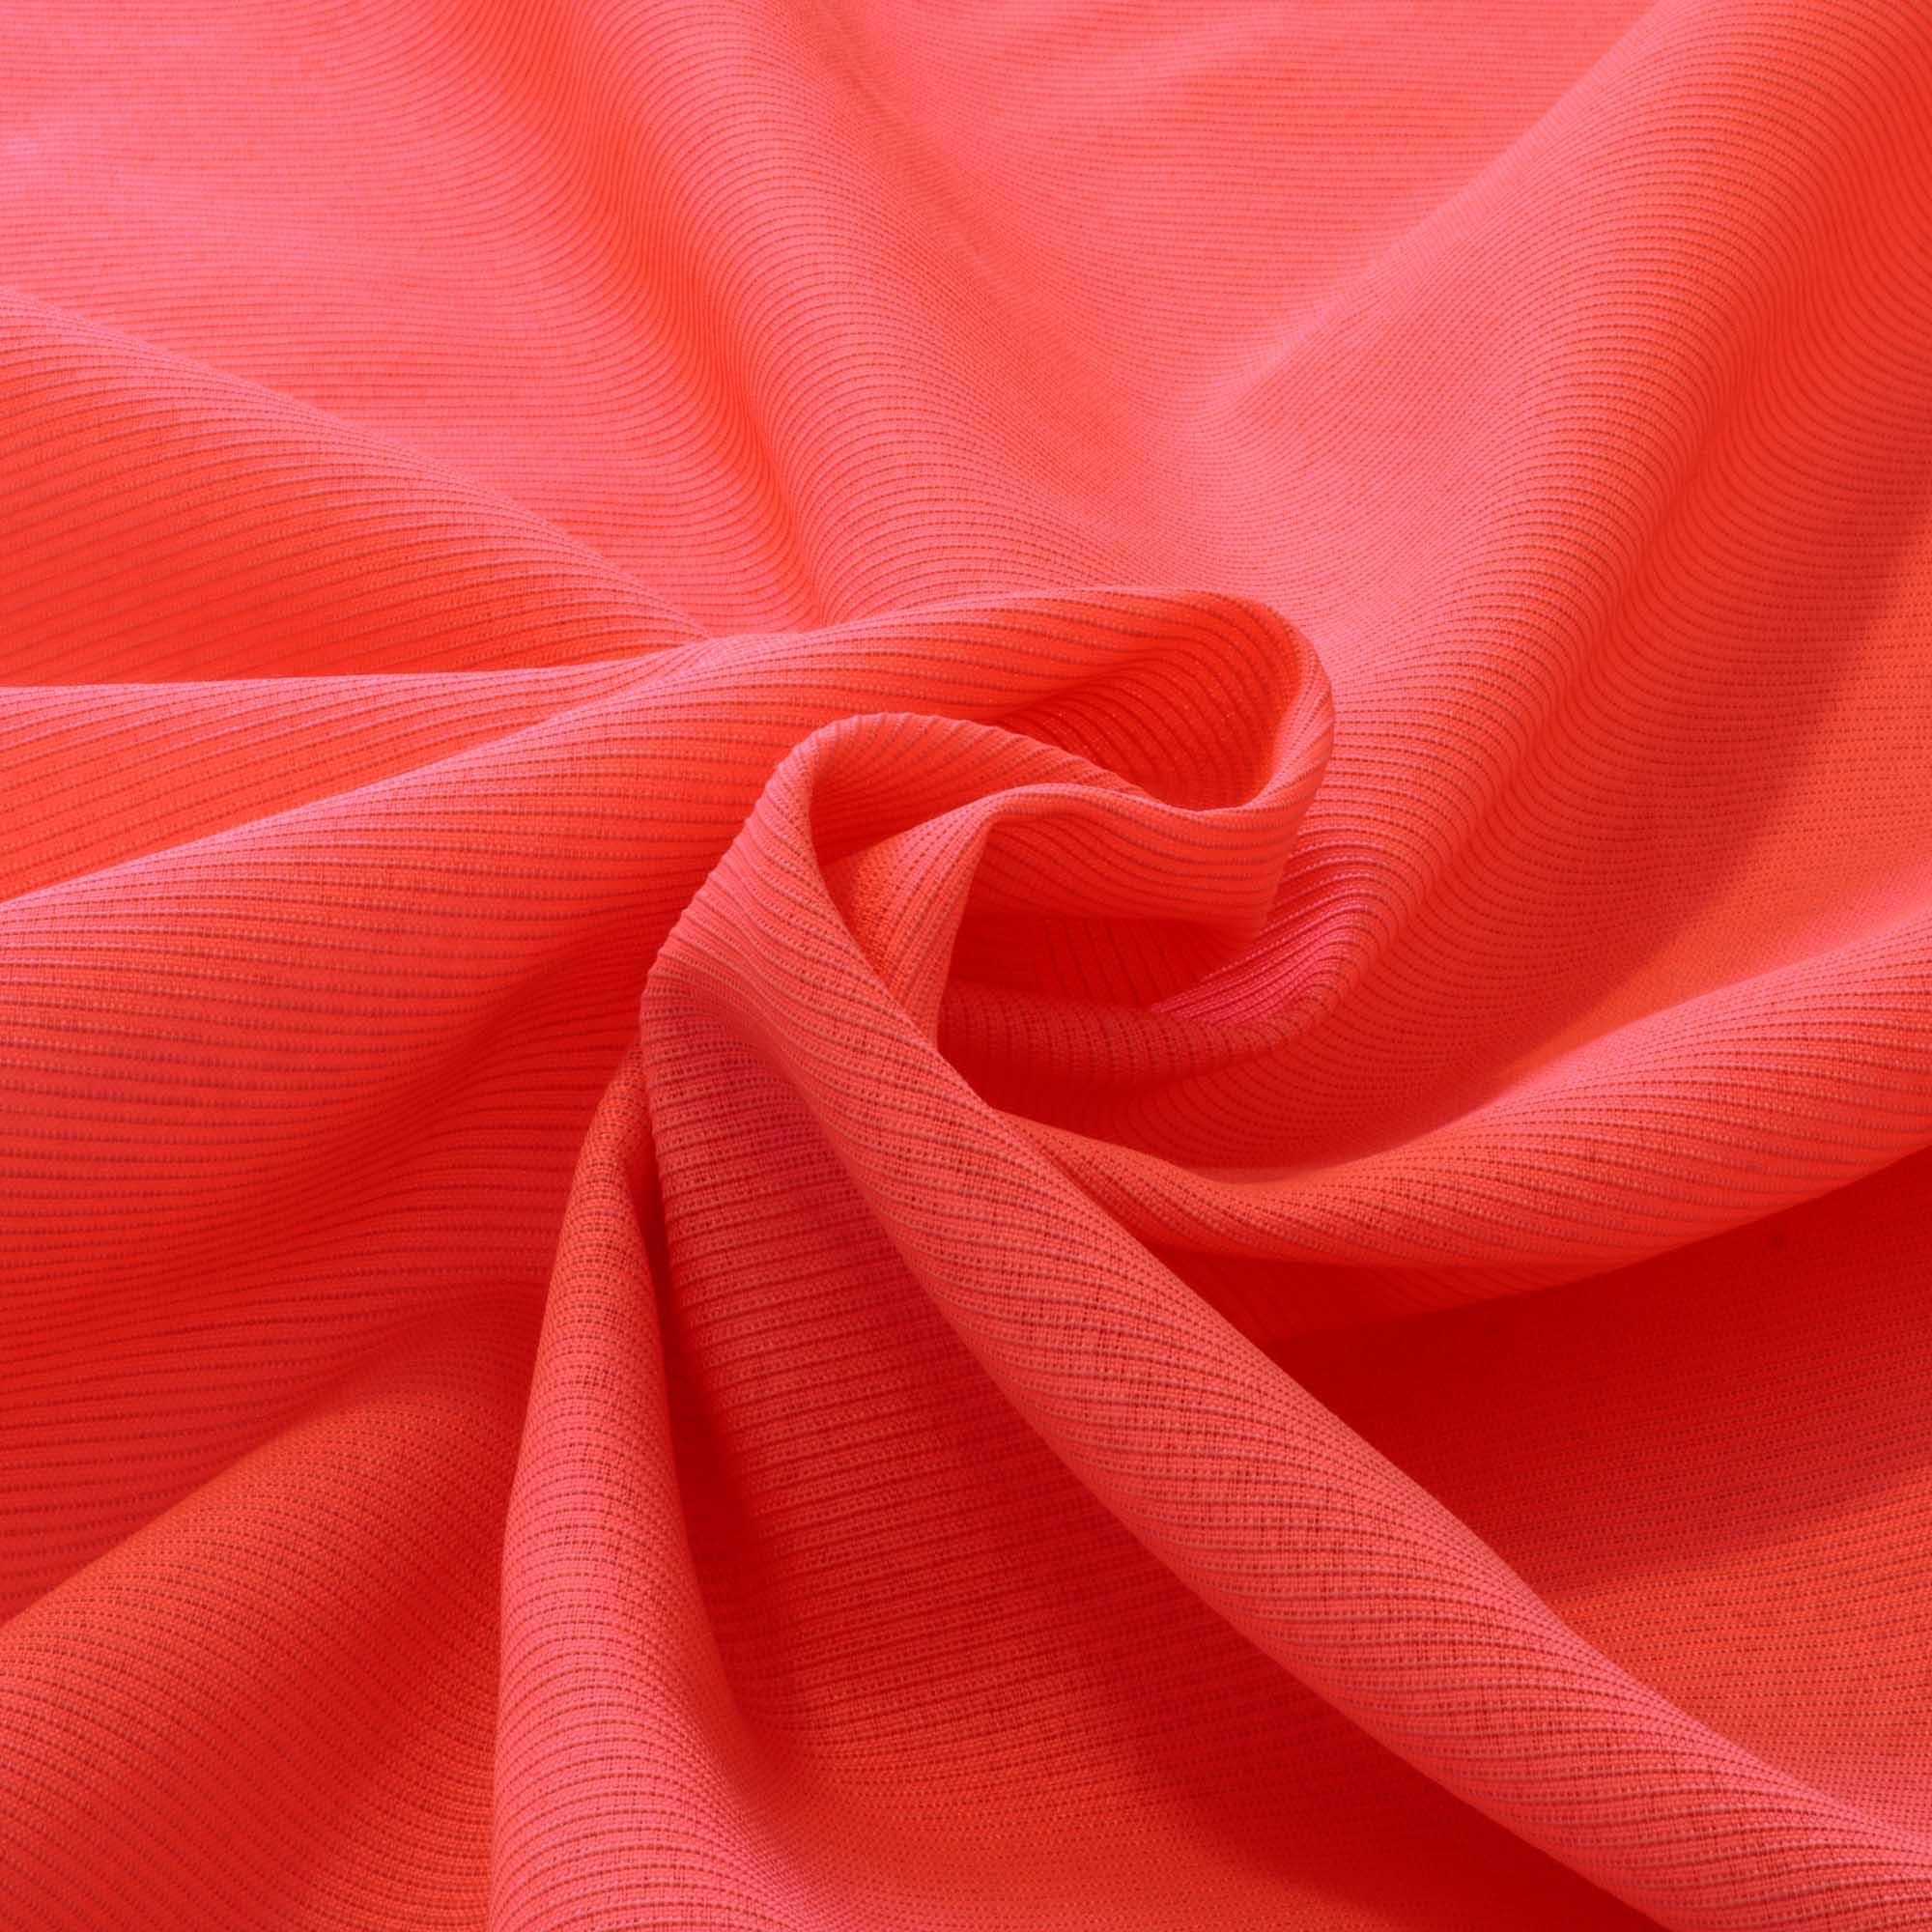 Tecido Gorgurinho Rosa Neon 52% Poliester 48% Algodão 1,50 m Largura